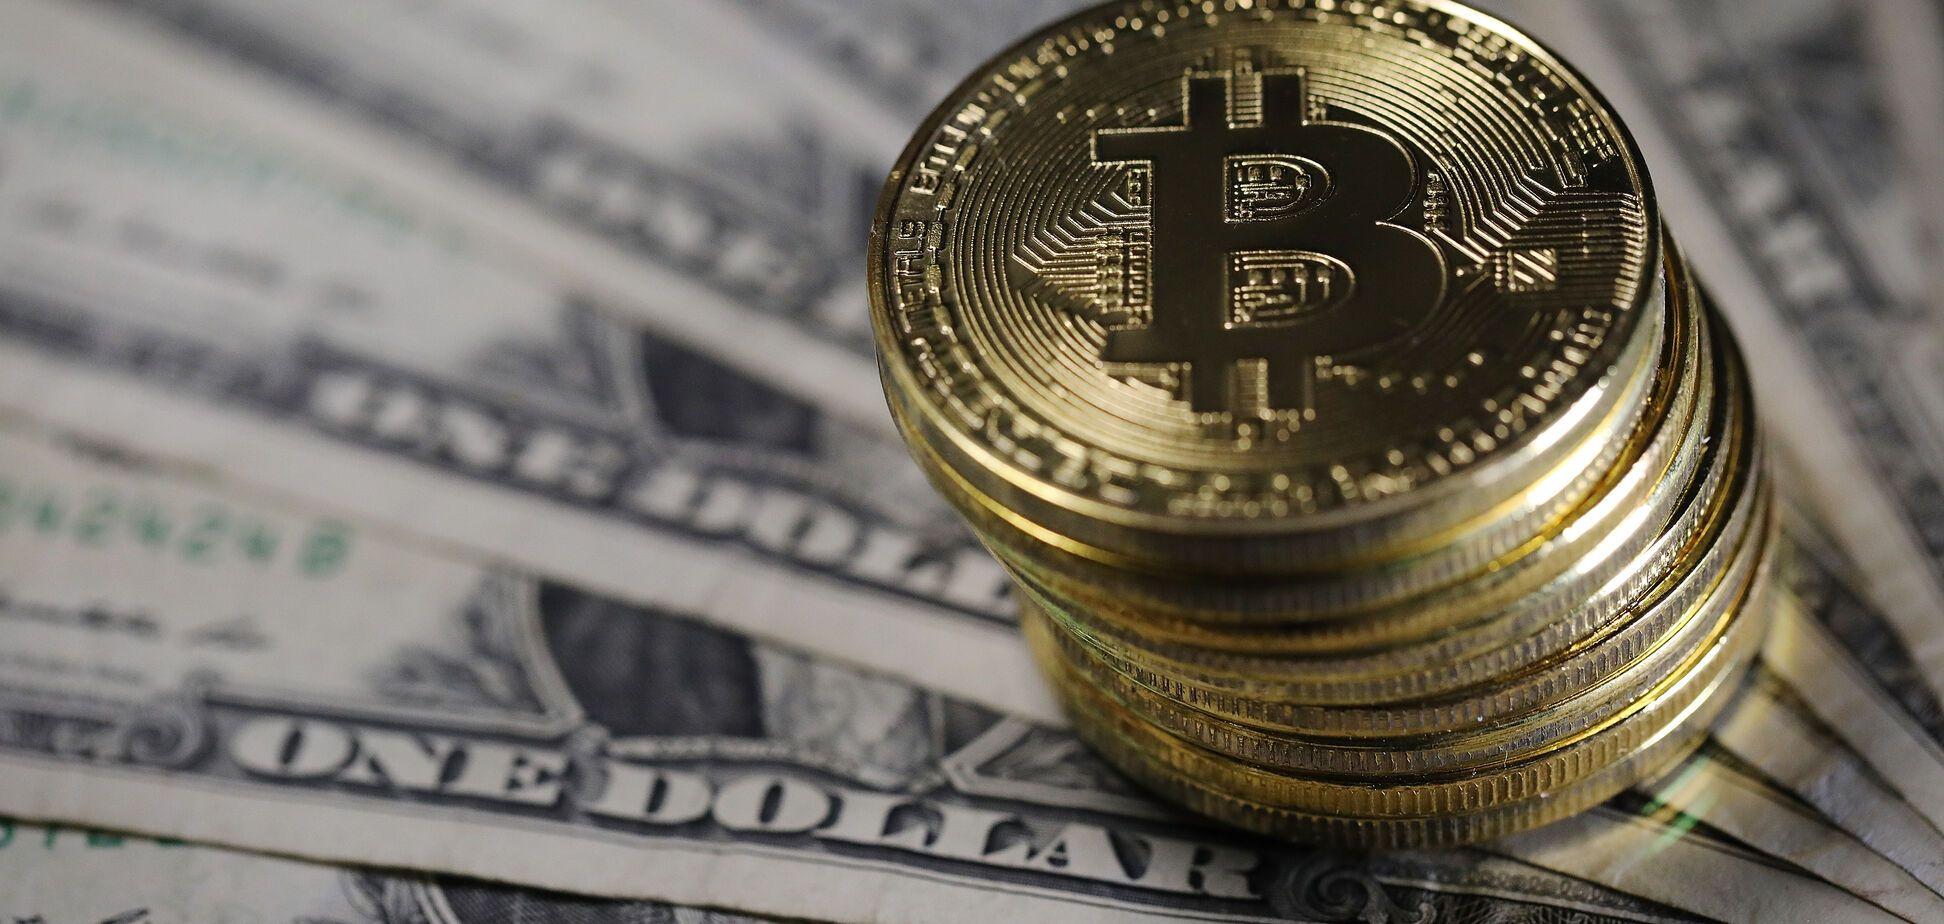 Регулирование и надзор: в МВФ рассказали о будущем криптовалют